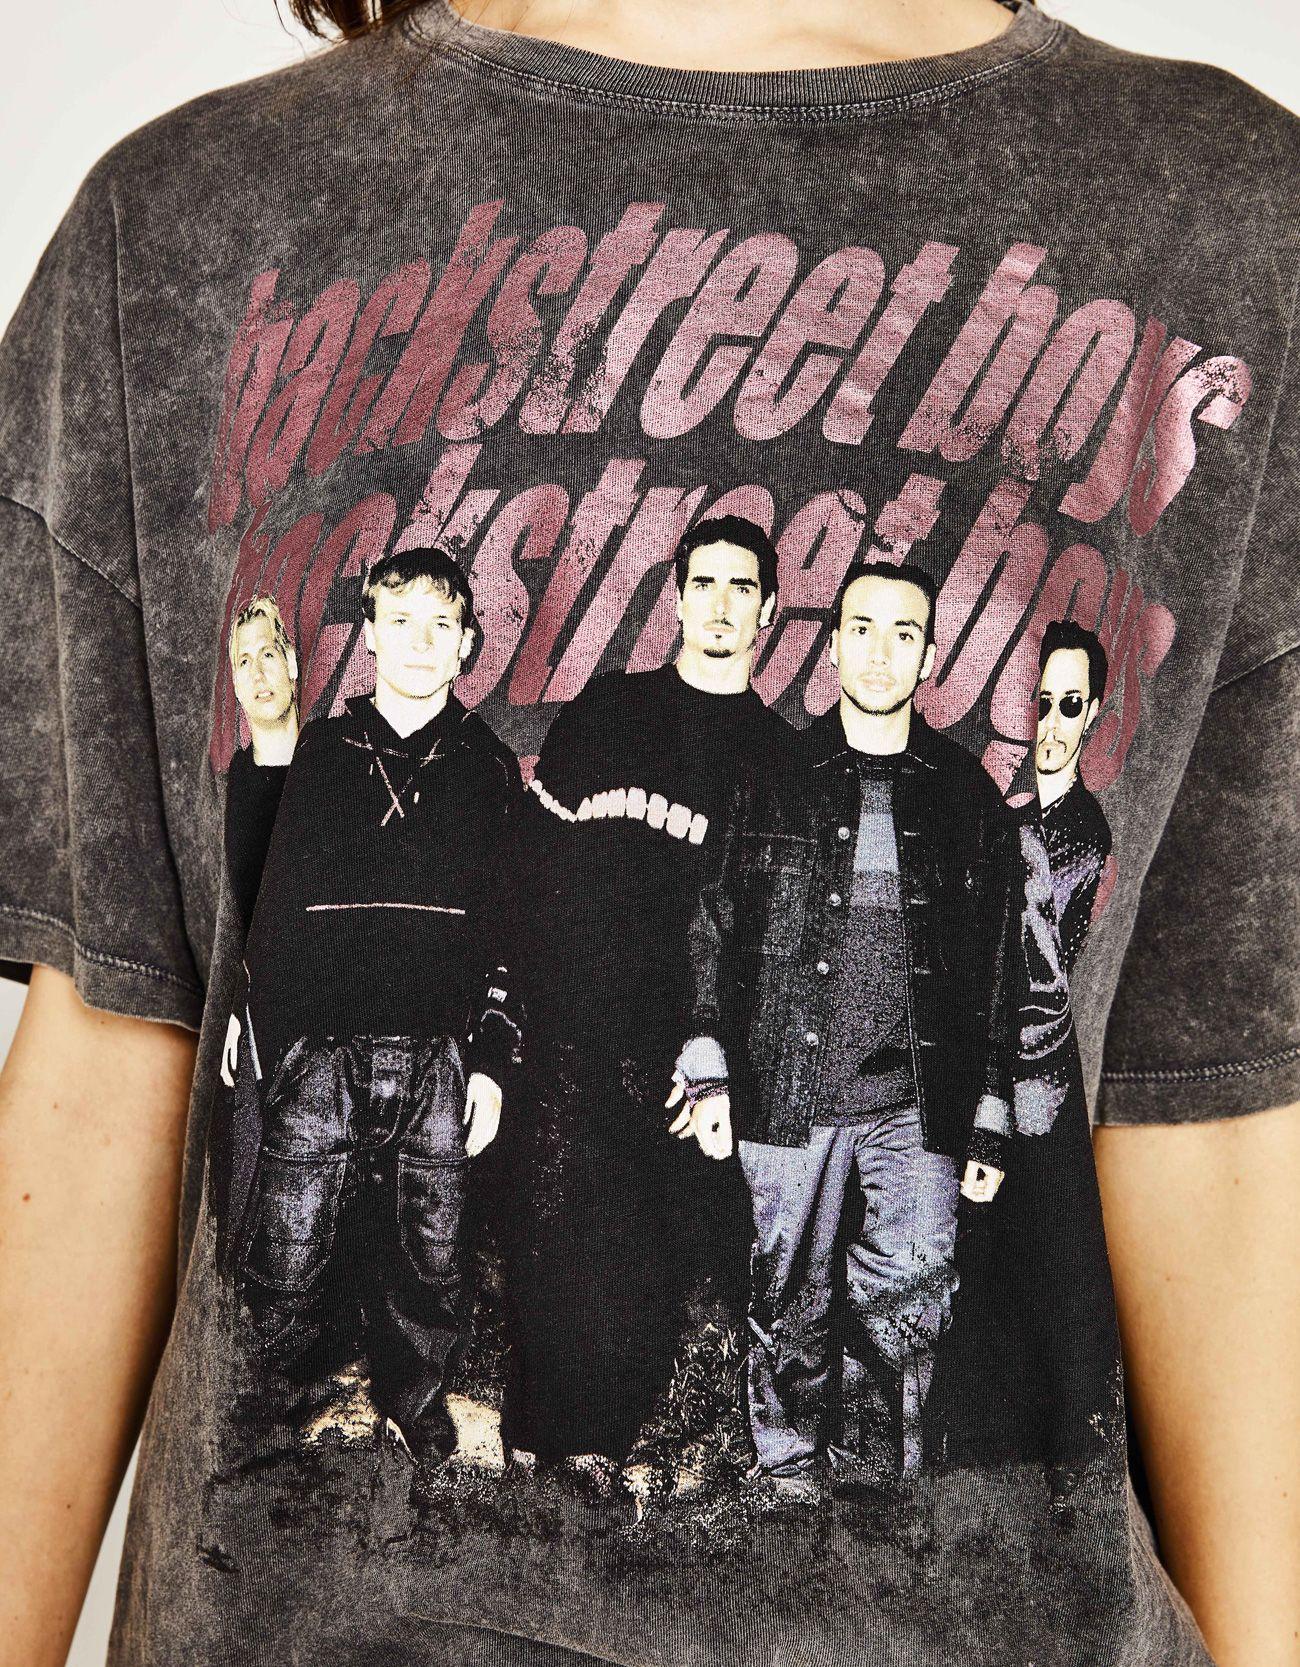 c8b285db Shirt Backstreet Boys. Entdecken Sie diese und viele andere Kleidungsstücke  in Bershka unter neue Produkte jede Woche